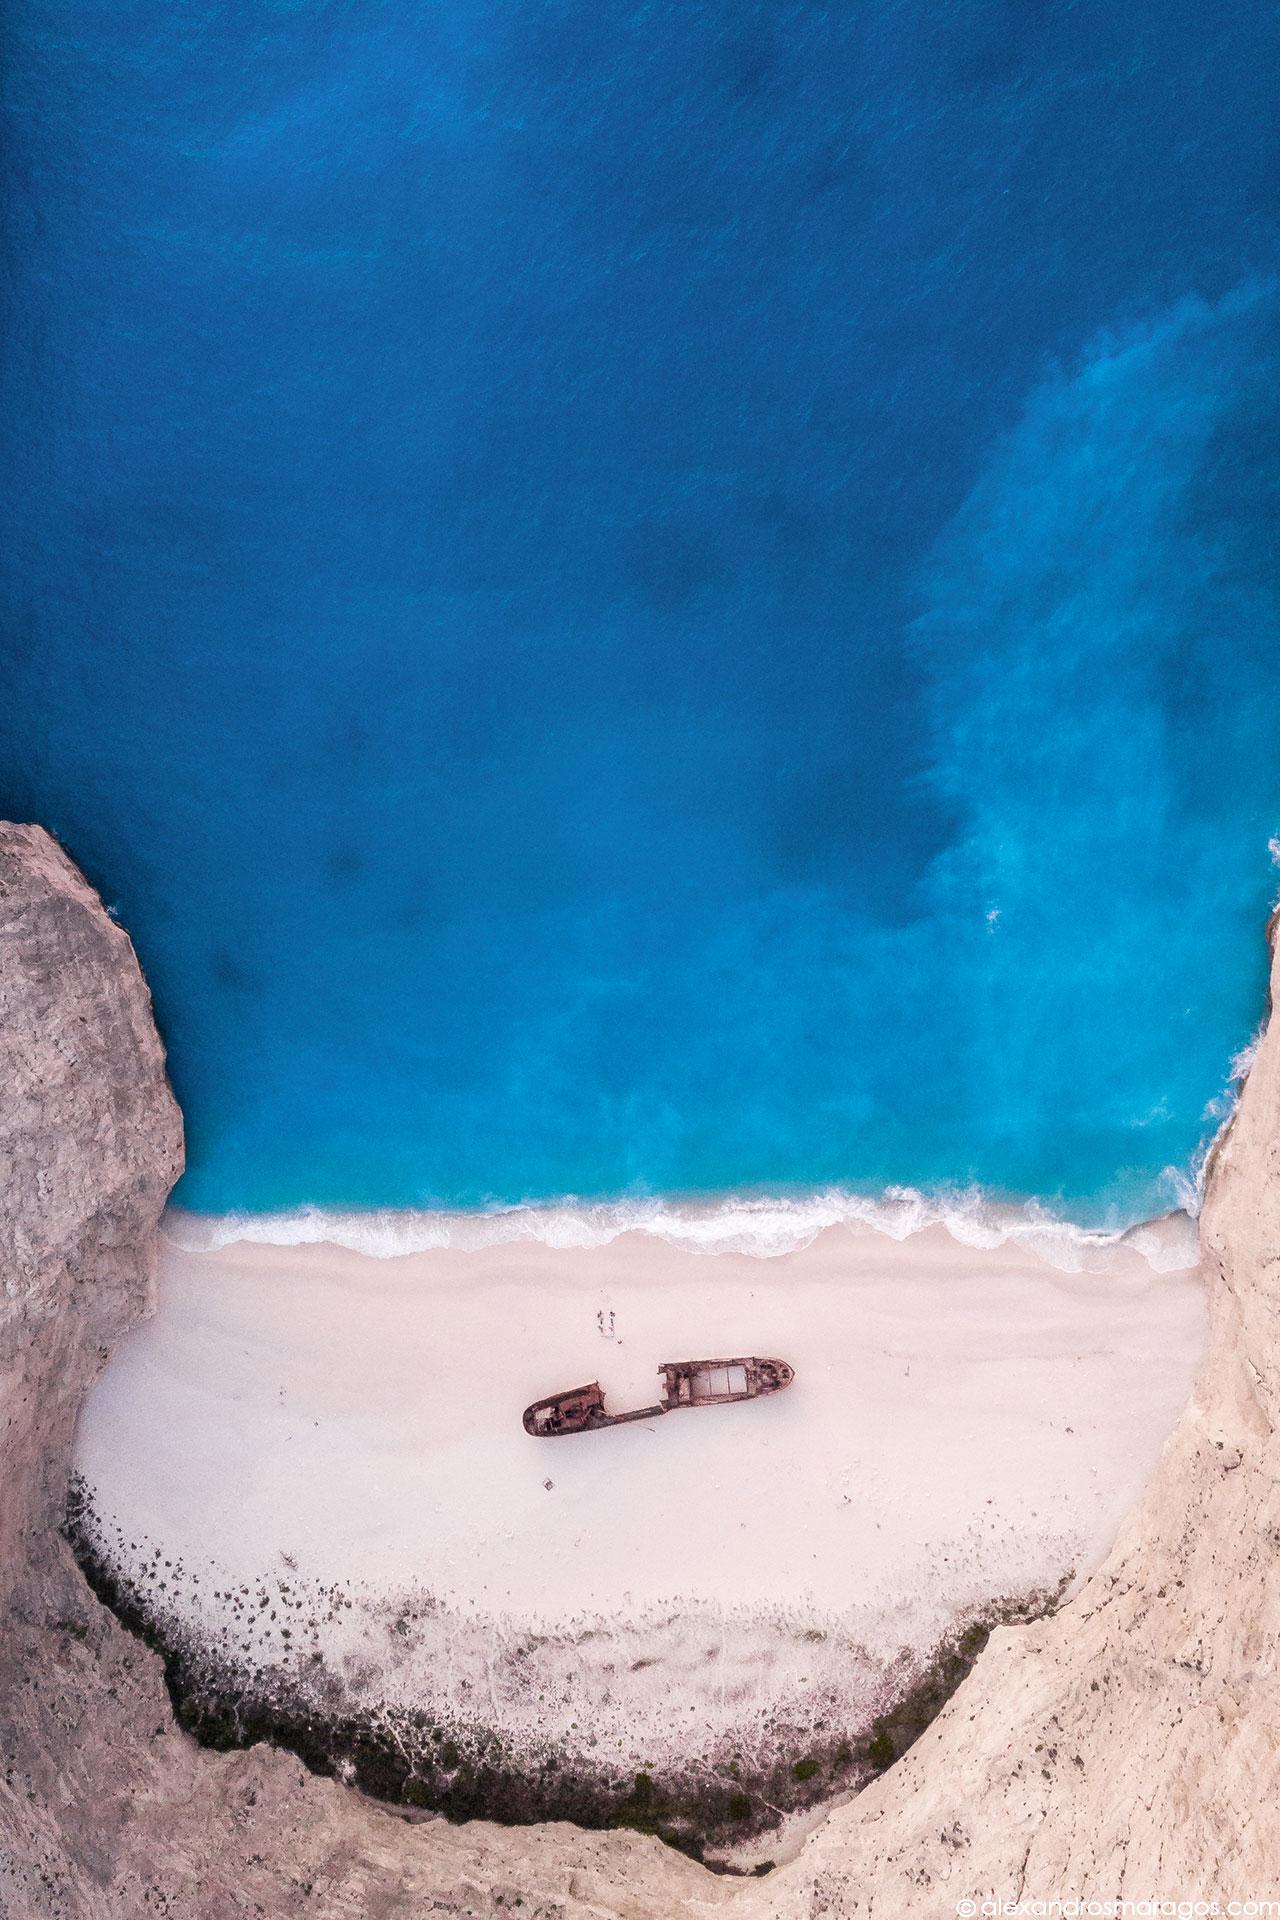 The Shipwreck Beach, Zakynthos, Greece |© Alexandros Maragos